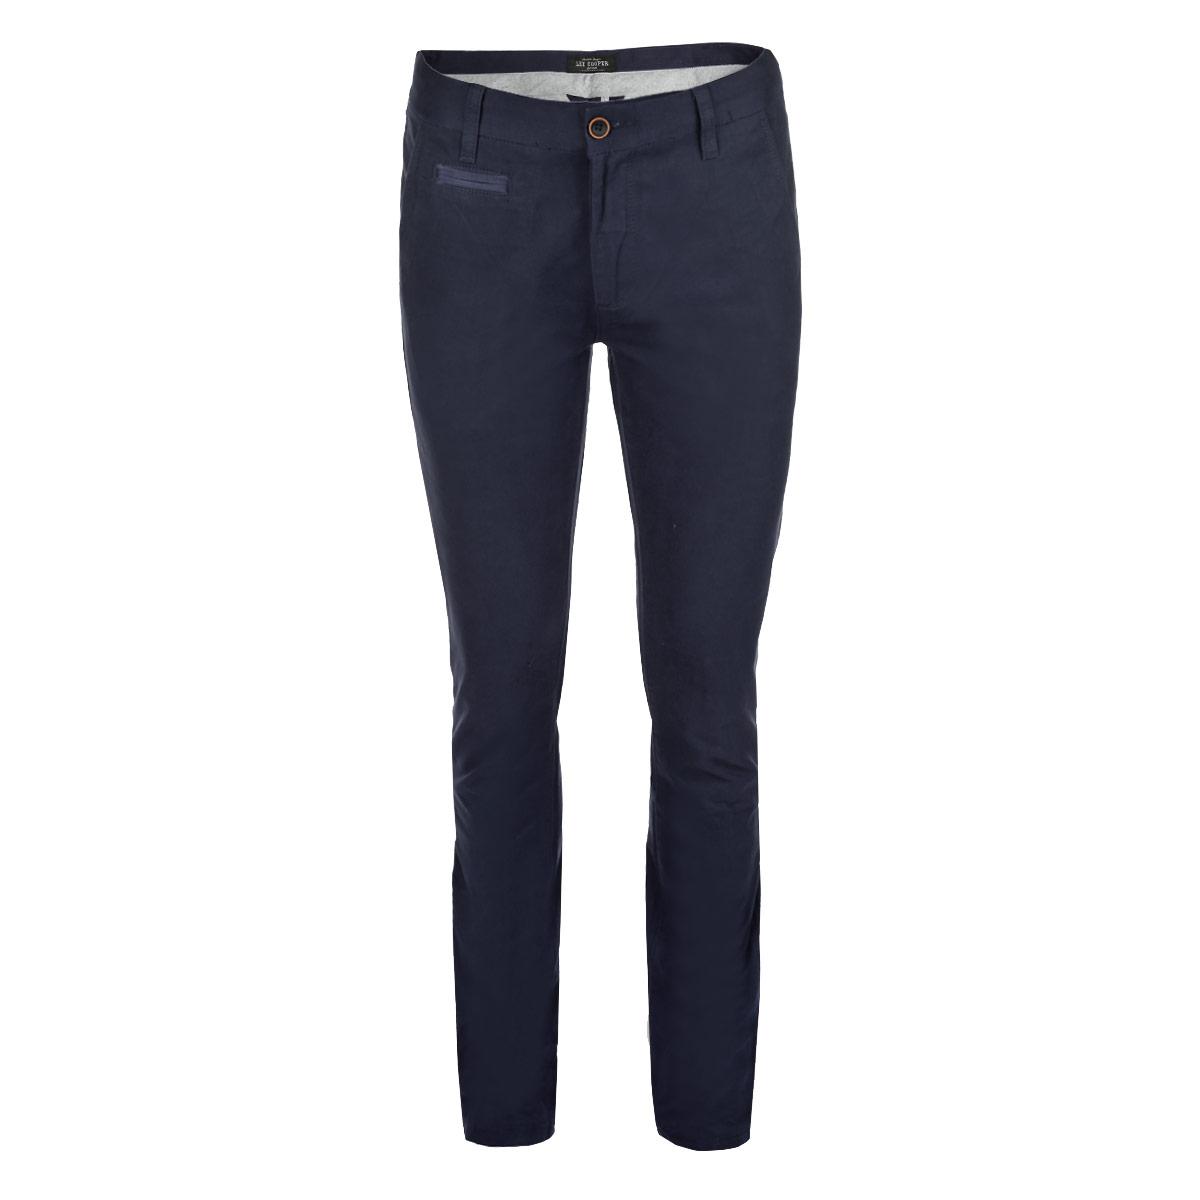 Lchmw043/MidnightСтильные мужские брюки Lee Cooper, выполненные из высококачественного плотного хлопка, отлично сидят по фигуре. Модель слегка зауженного к низу кроя и средней посадки станет отличным дополнением к вашему современному образу. Брюки застегиваются на две пуговицы в поясе и ширинку на молнии, также имеются шлевки для ремня. Спереди модель оформлена двумя втачными карманами с косыми срезами и имитацией прорезного кармашка, а сзади - двумя прорезными карманами с клапанами на пуговицах. Эти модные и в тоже время комфортные брюки послужат отличным дополнением к вашему гардеробу. В них вы всегда будете чувствовать себя уютно и комфортно.